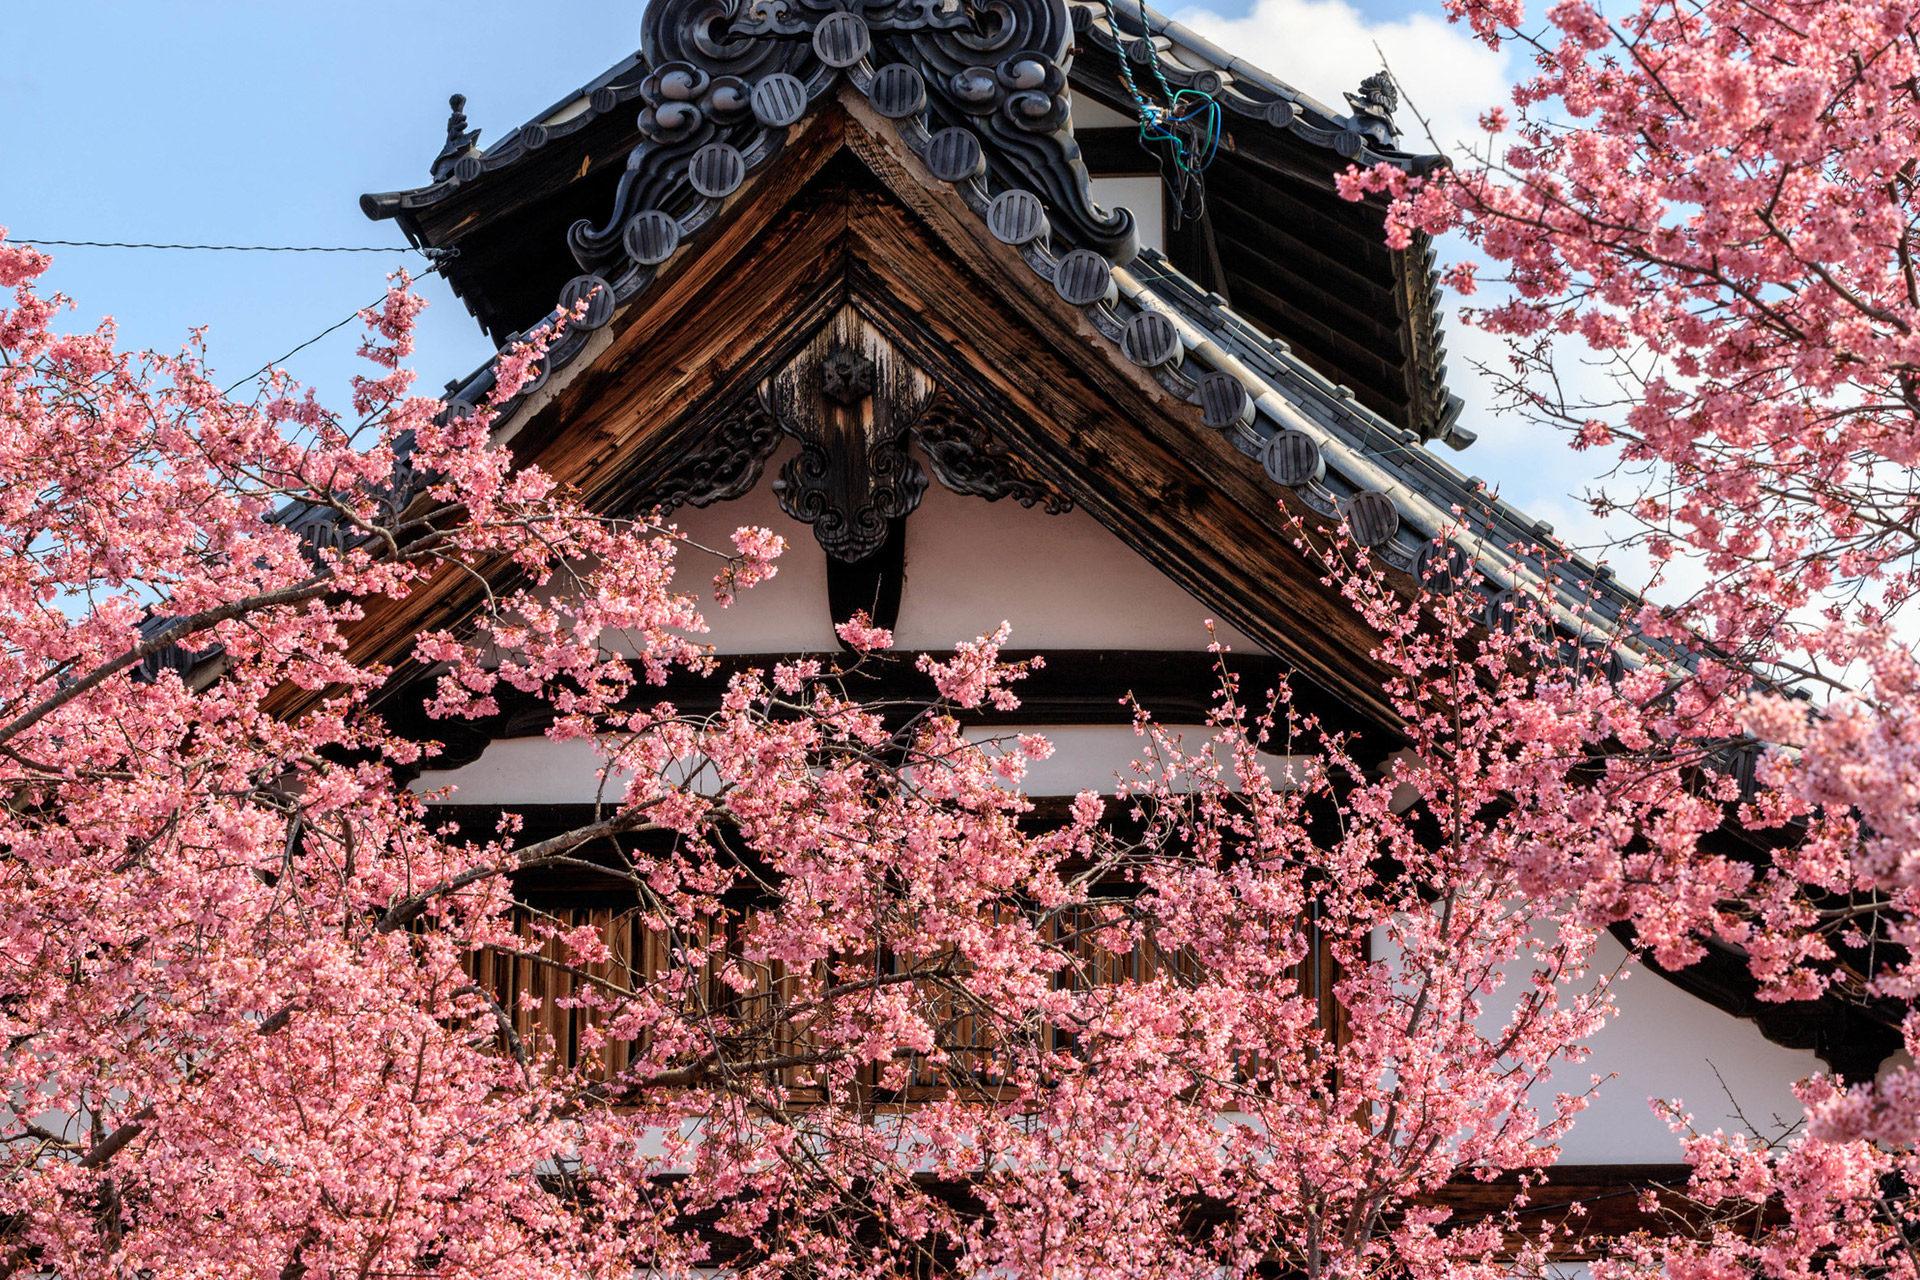 京都最早開放的櫻花景點是?